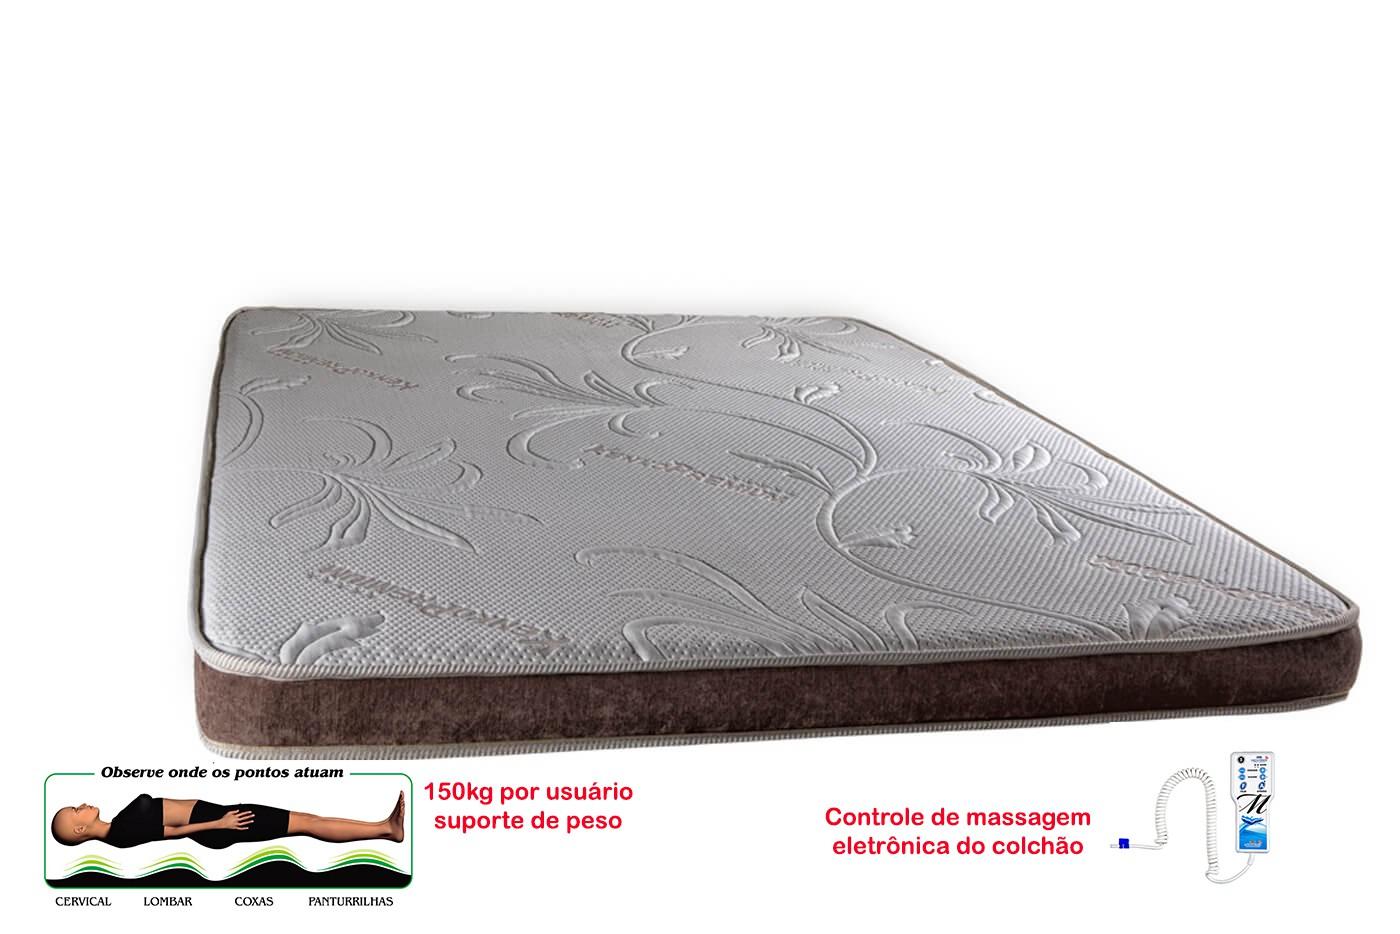 Manta Magnética Colchonete Kenko Premium Solteiro C/ Massagem Eletrônica 0,88x1,88x10cm  - Kenko Premium Colchões